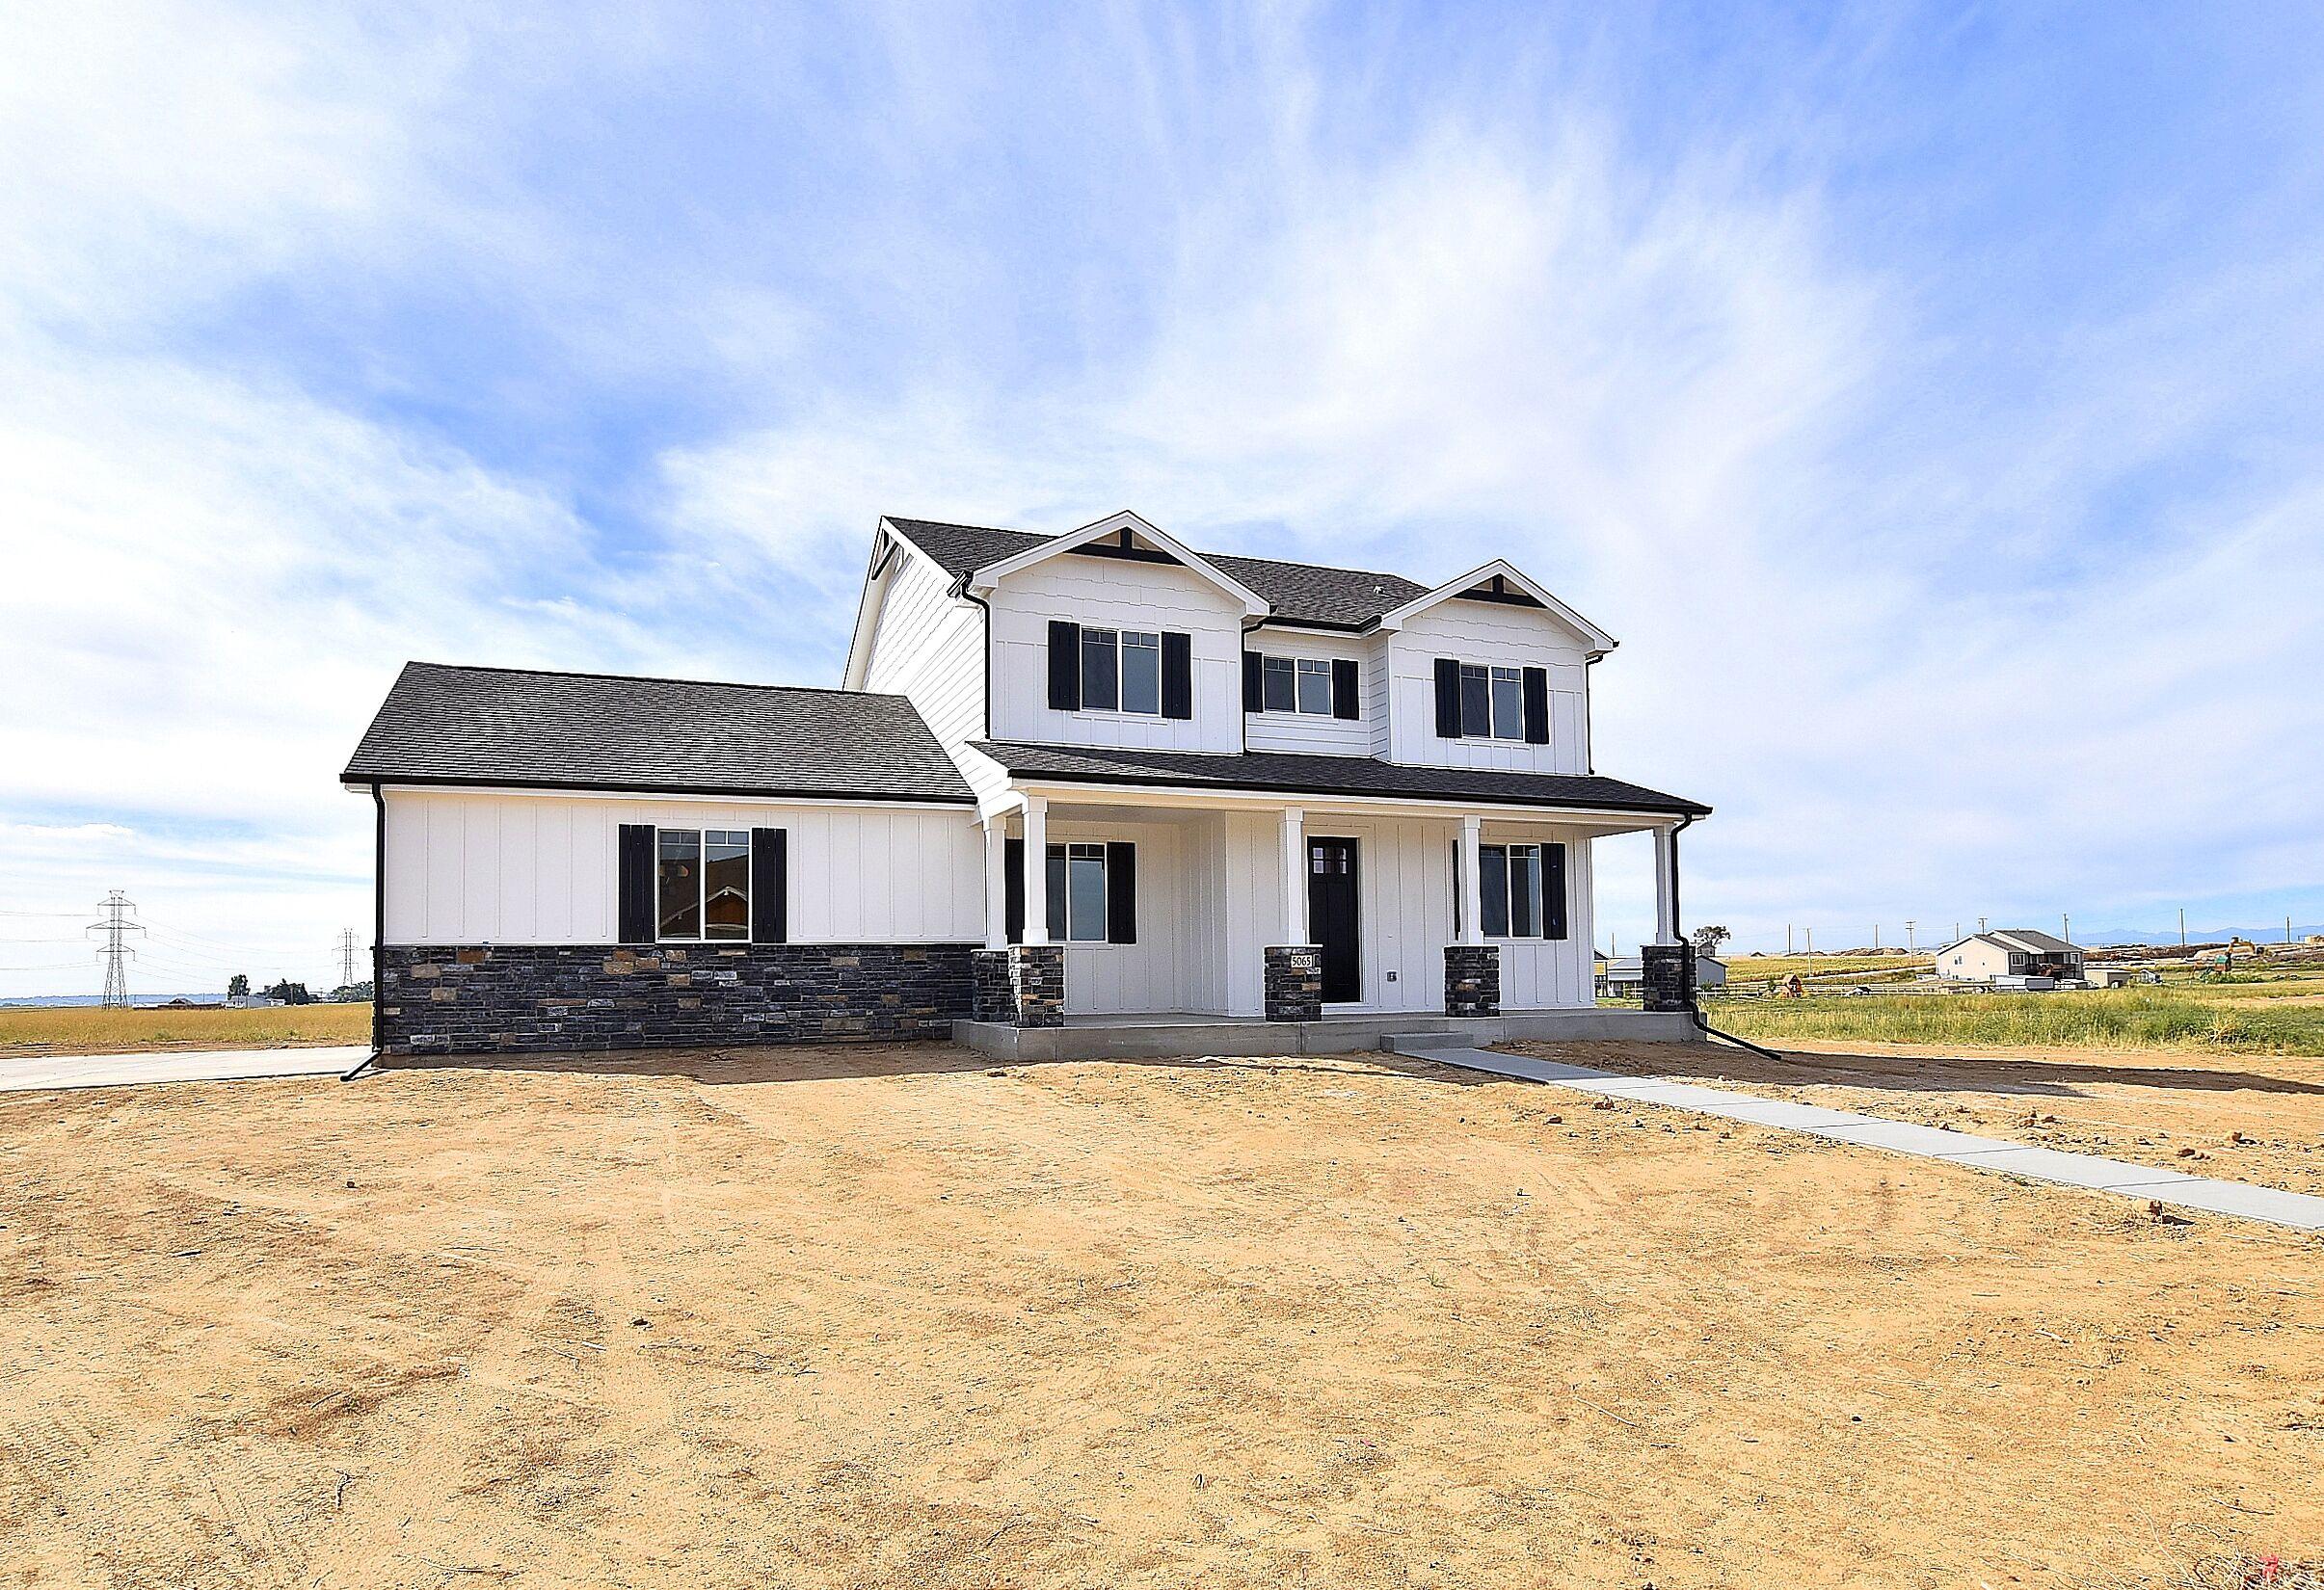 5065 Prairie Lark - Exterior.jpg